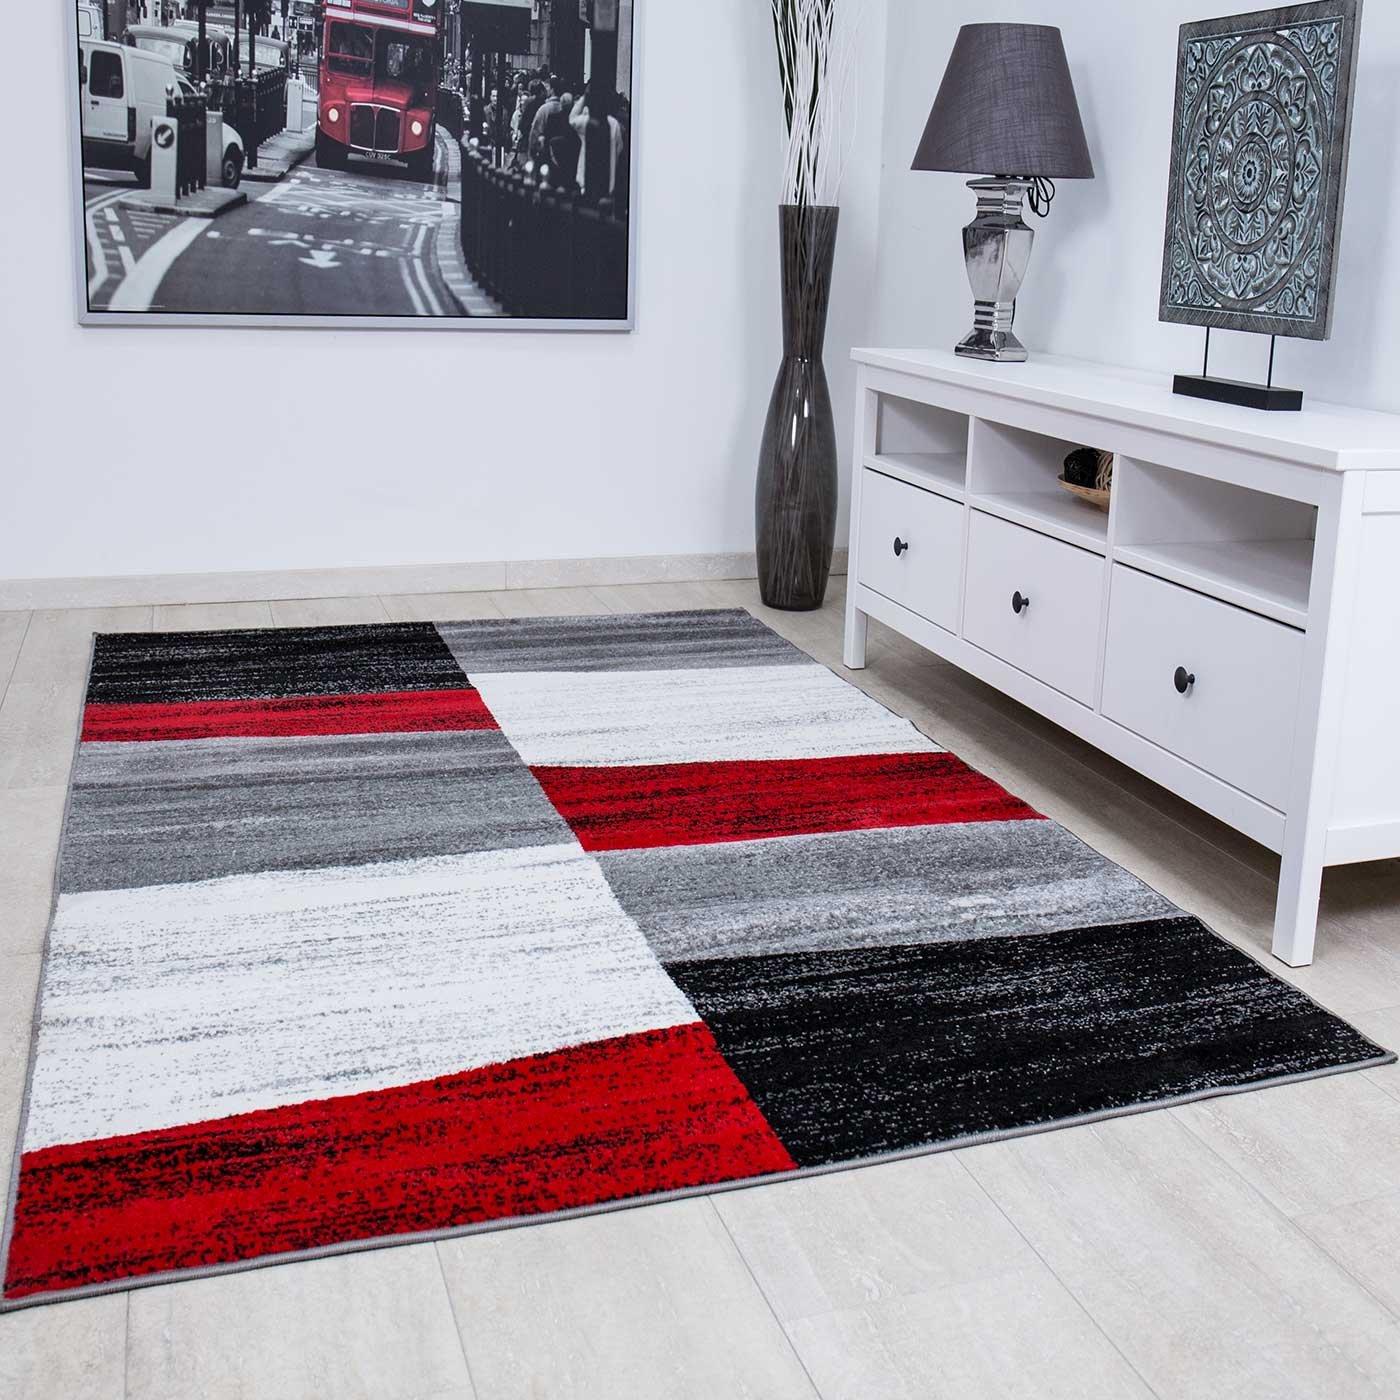 VIMODA Wohnzimmer Teppich Modern Geometrisches Muster Meliert in Rot Grau Weiß und Schwarz - ÖKO TEX Zertifiziert, Maße 200x280 cm